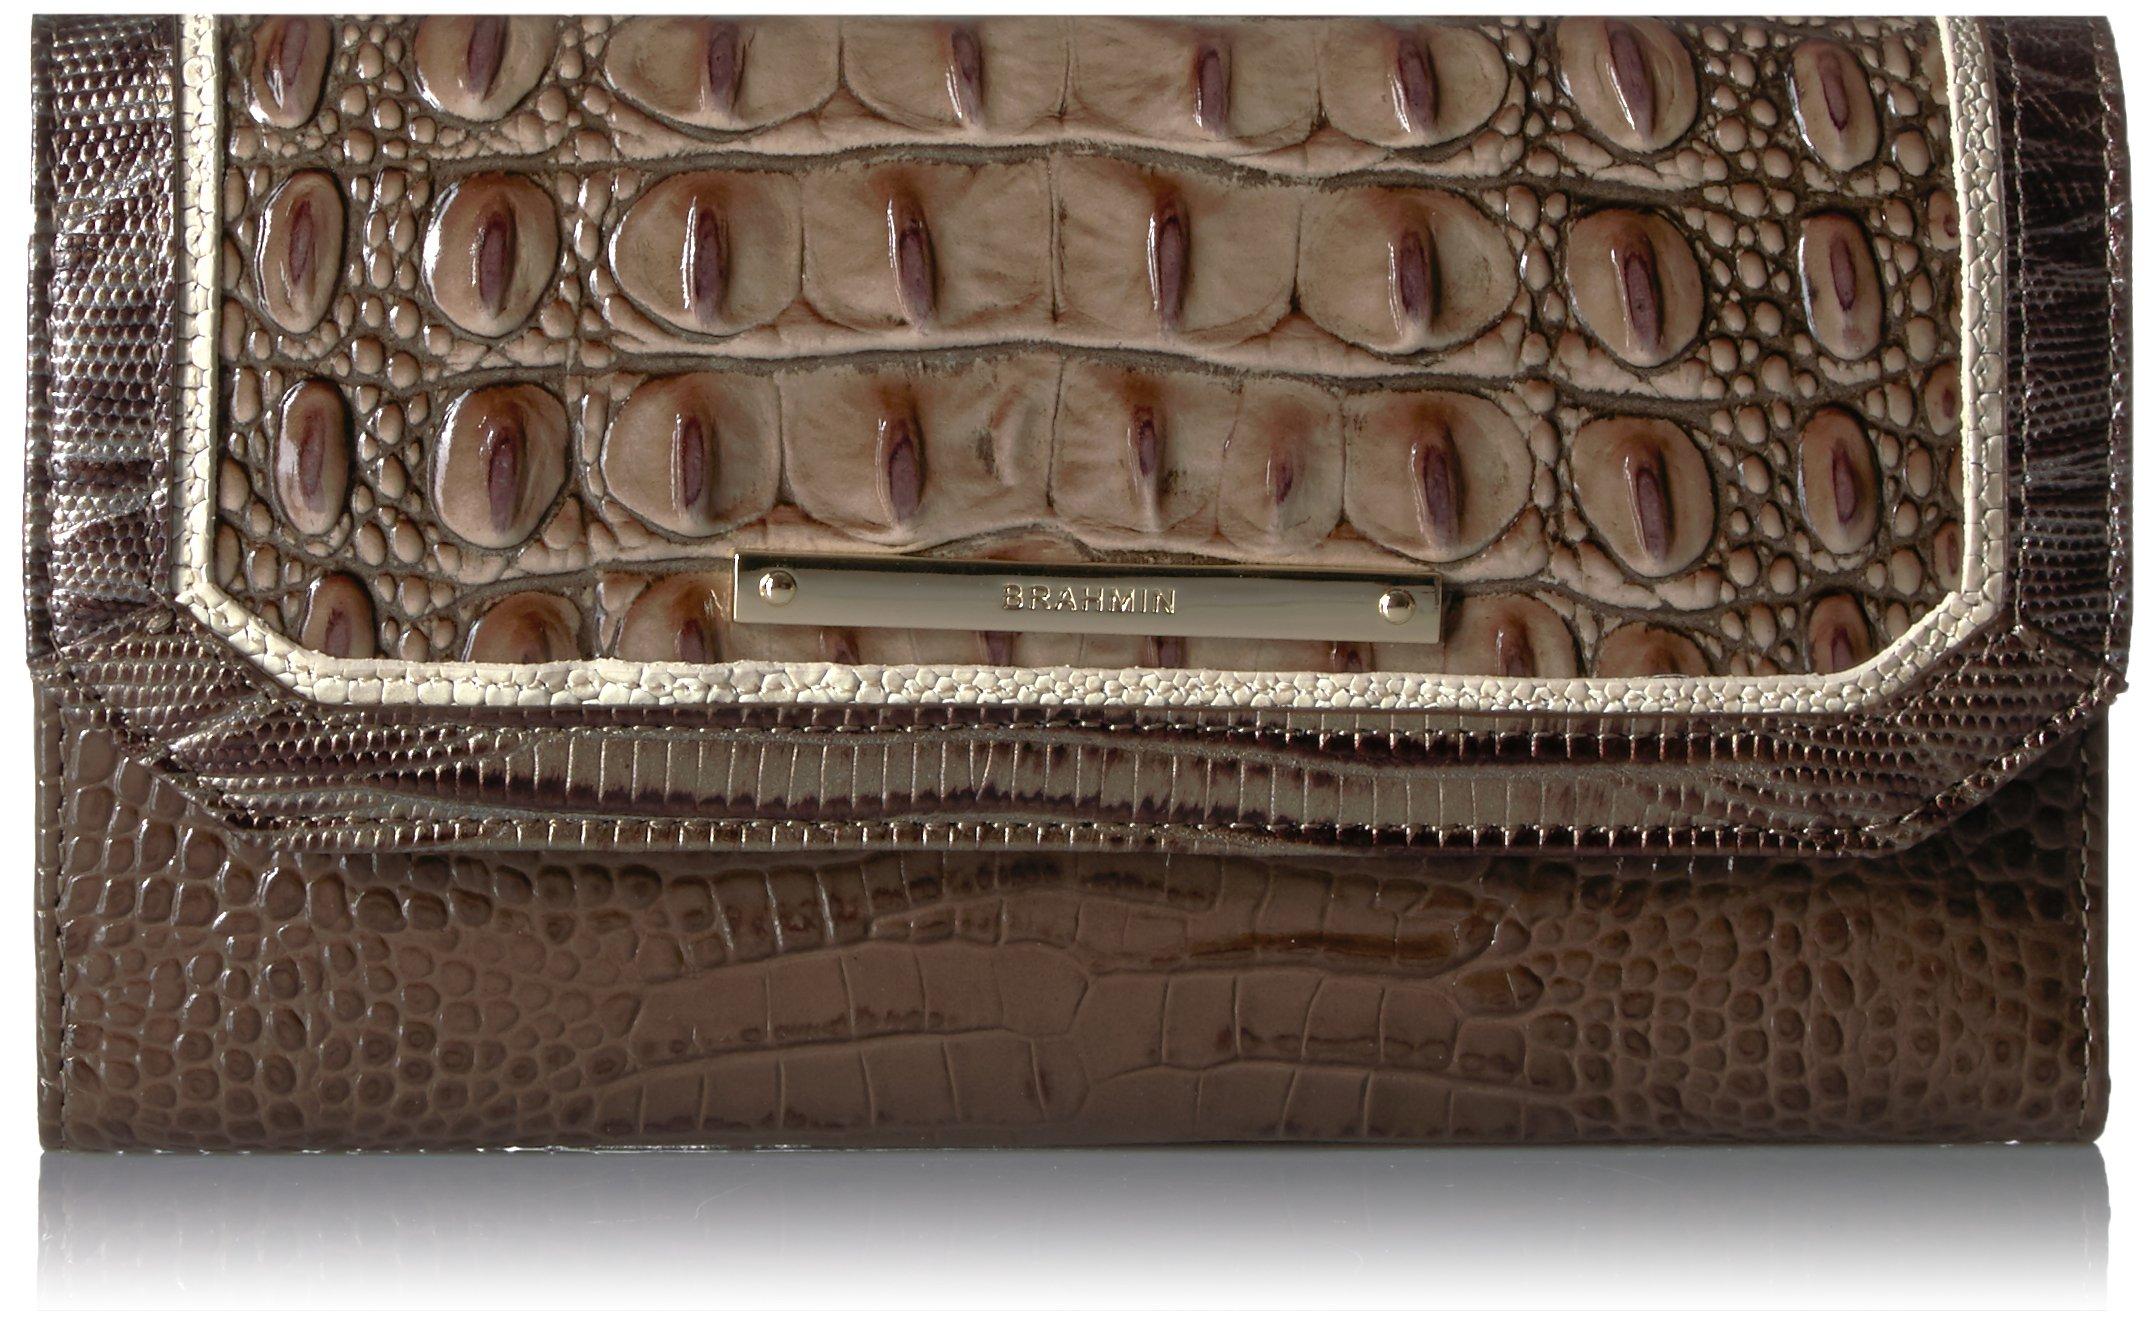 Brahmin Women's Soft Checkbook Wallet Cover, elmwood One Size by Brahmin